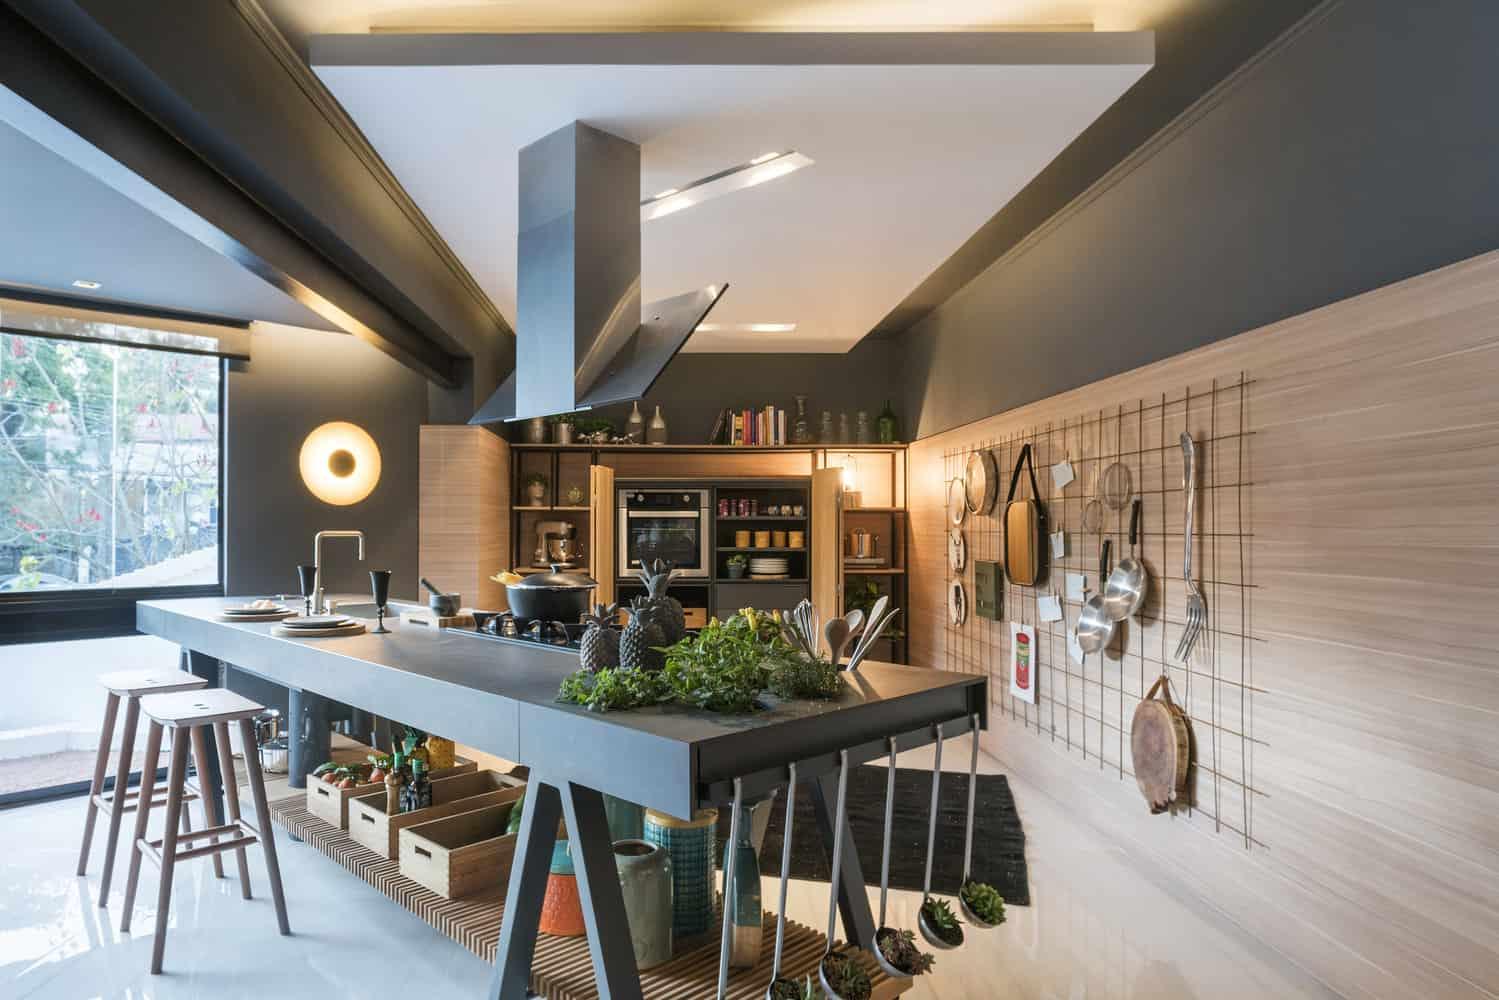 Modern kitchen no cabinets